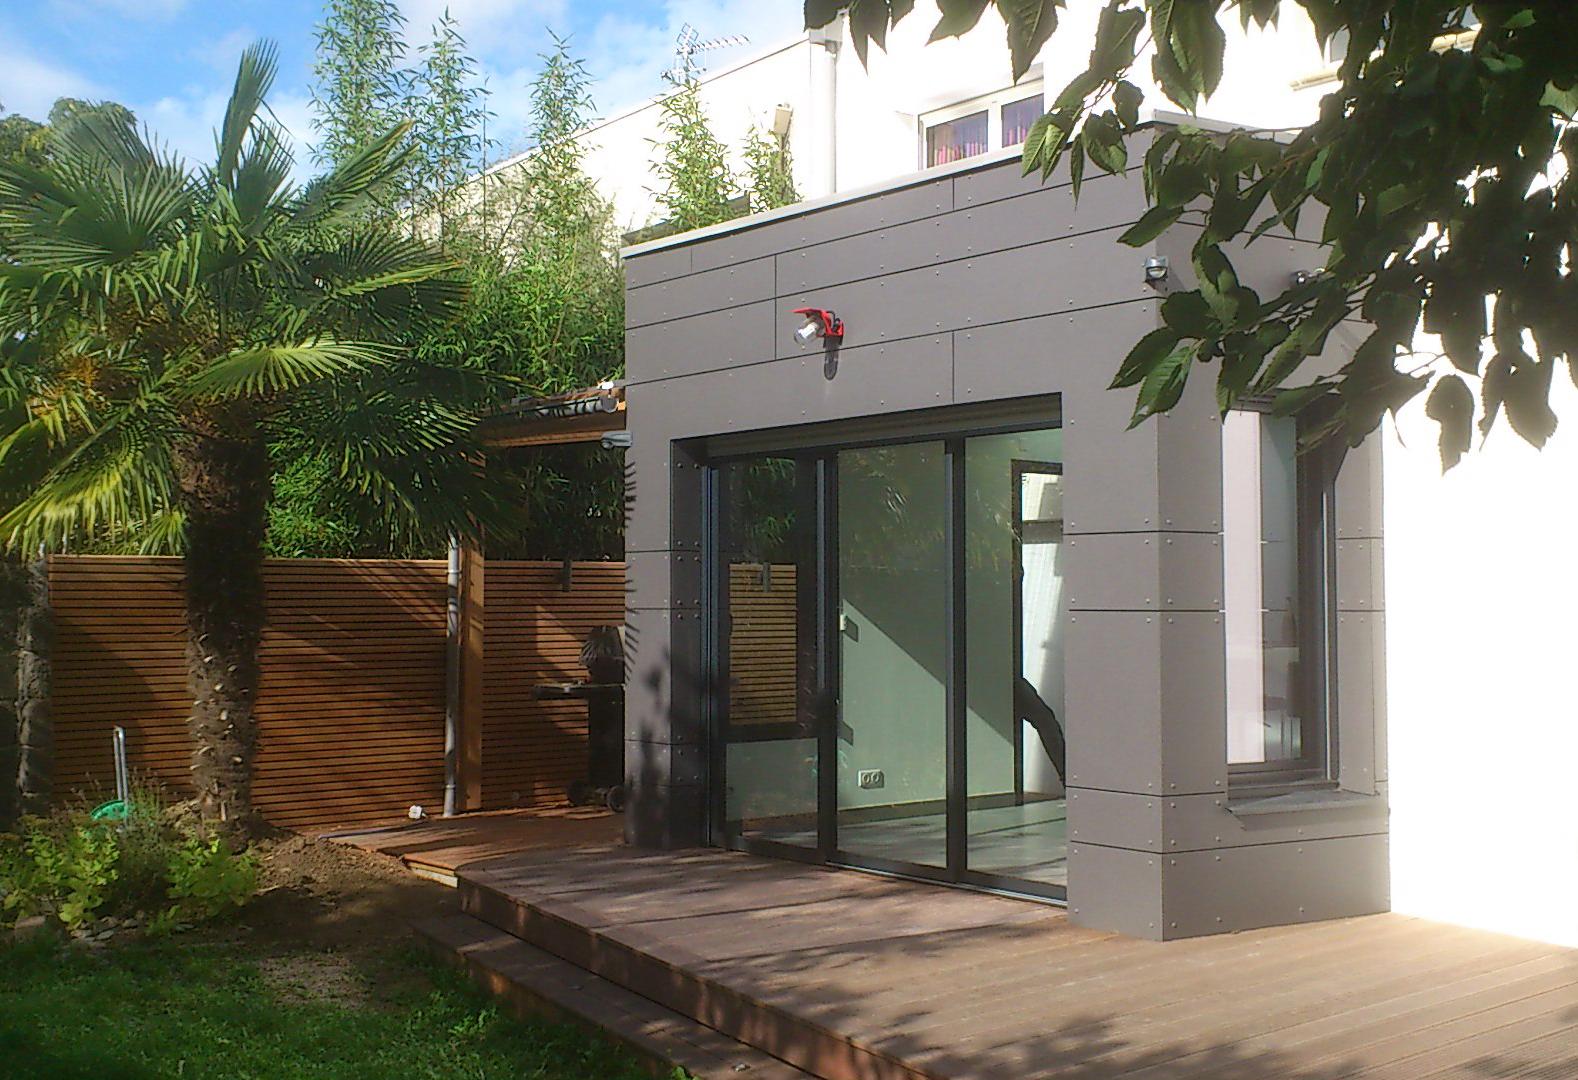 Eternit koutok architecture for Le architecte